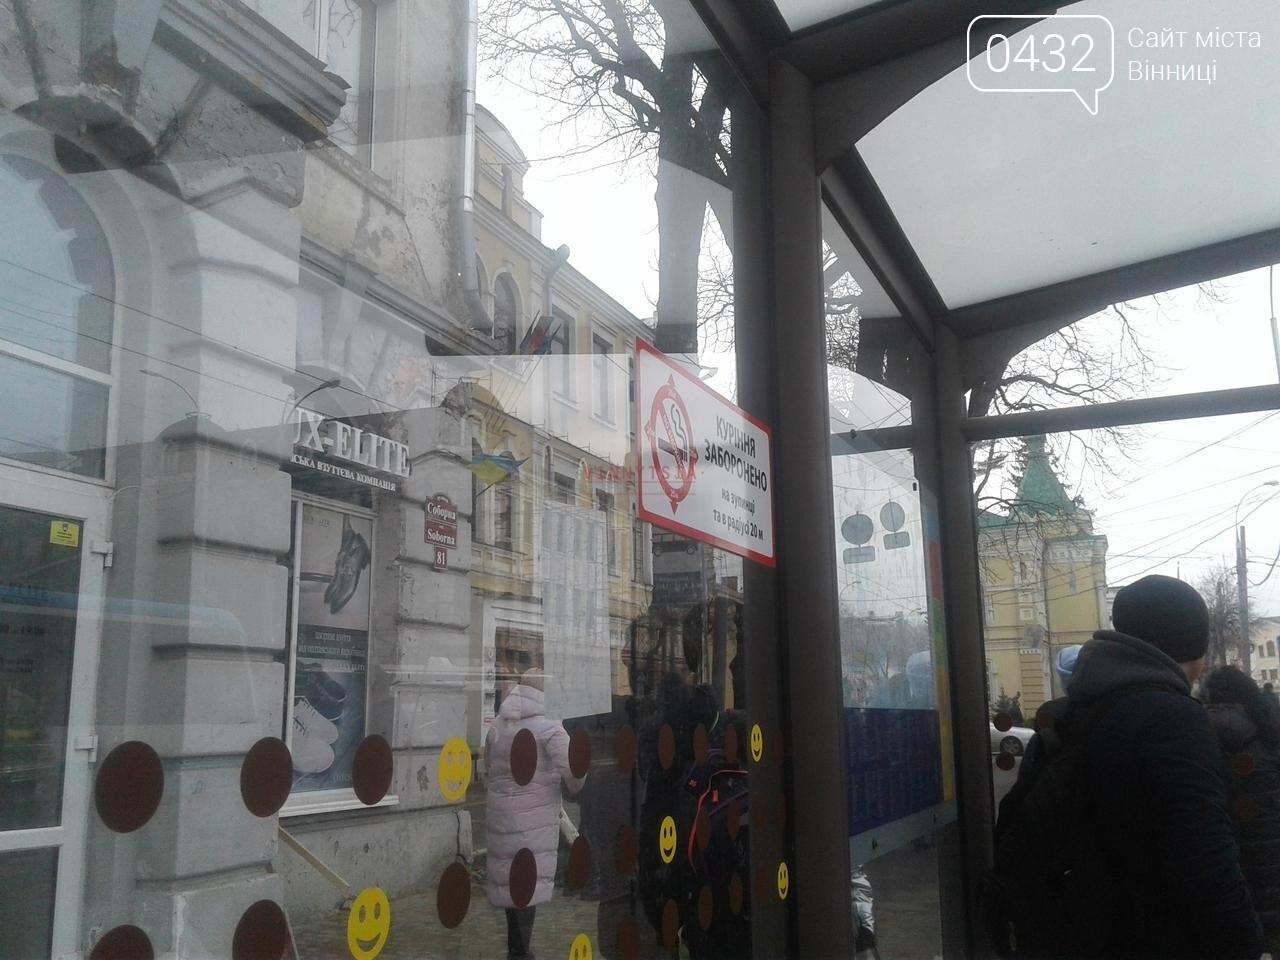 В Виннице остановки общественного транспорта устроили указателям о запрете курения (фото), фото-2